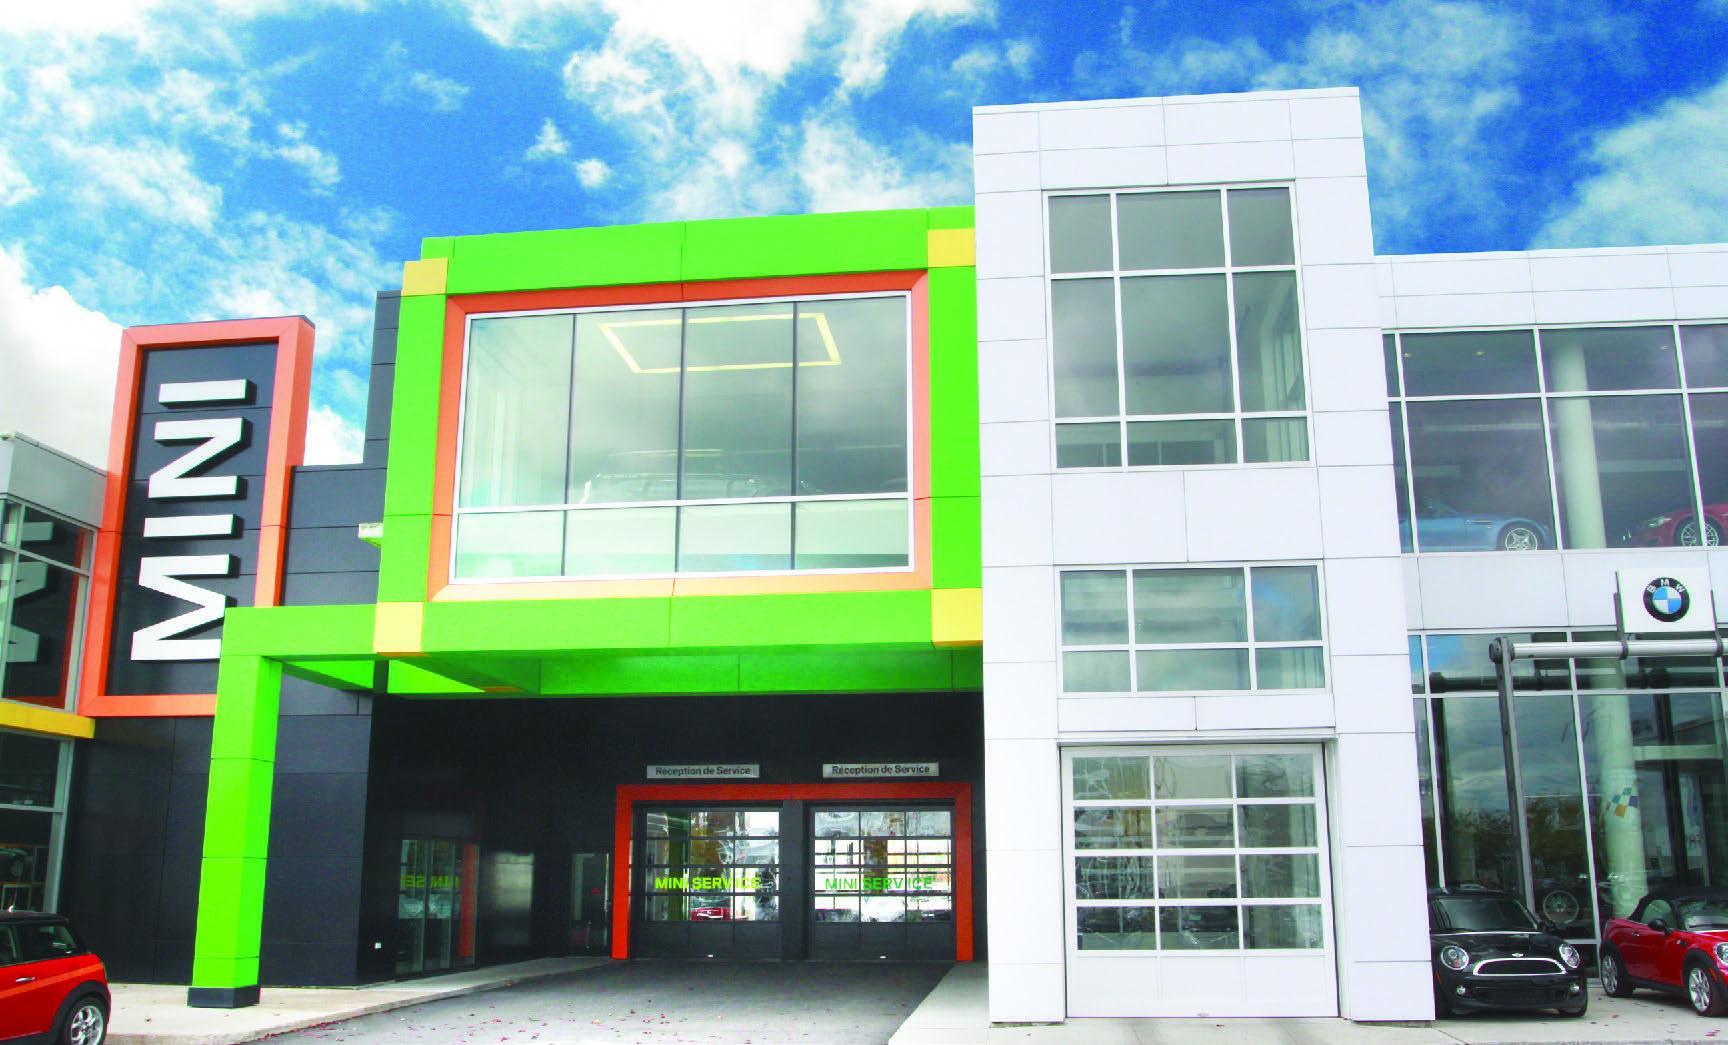 Des Portes De Garage Modernes Et Colorees Modern And Colorful